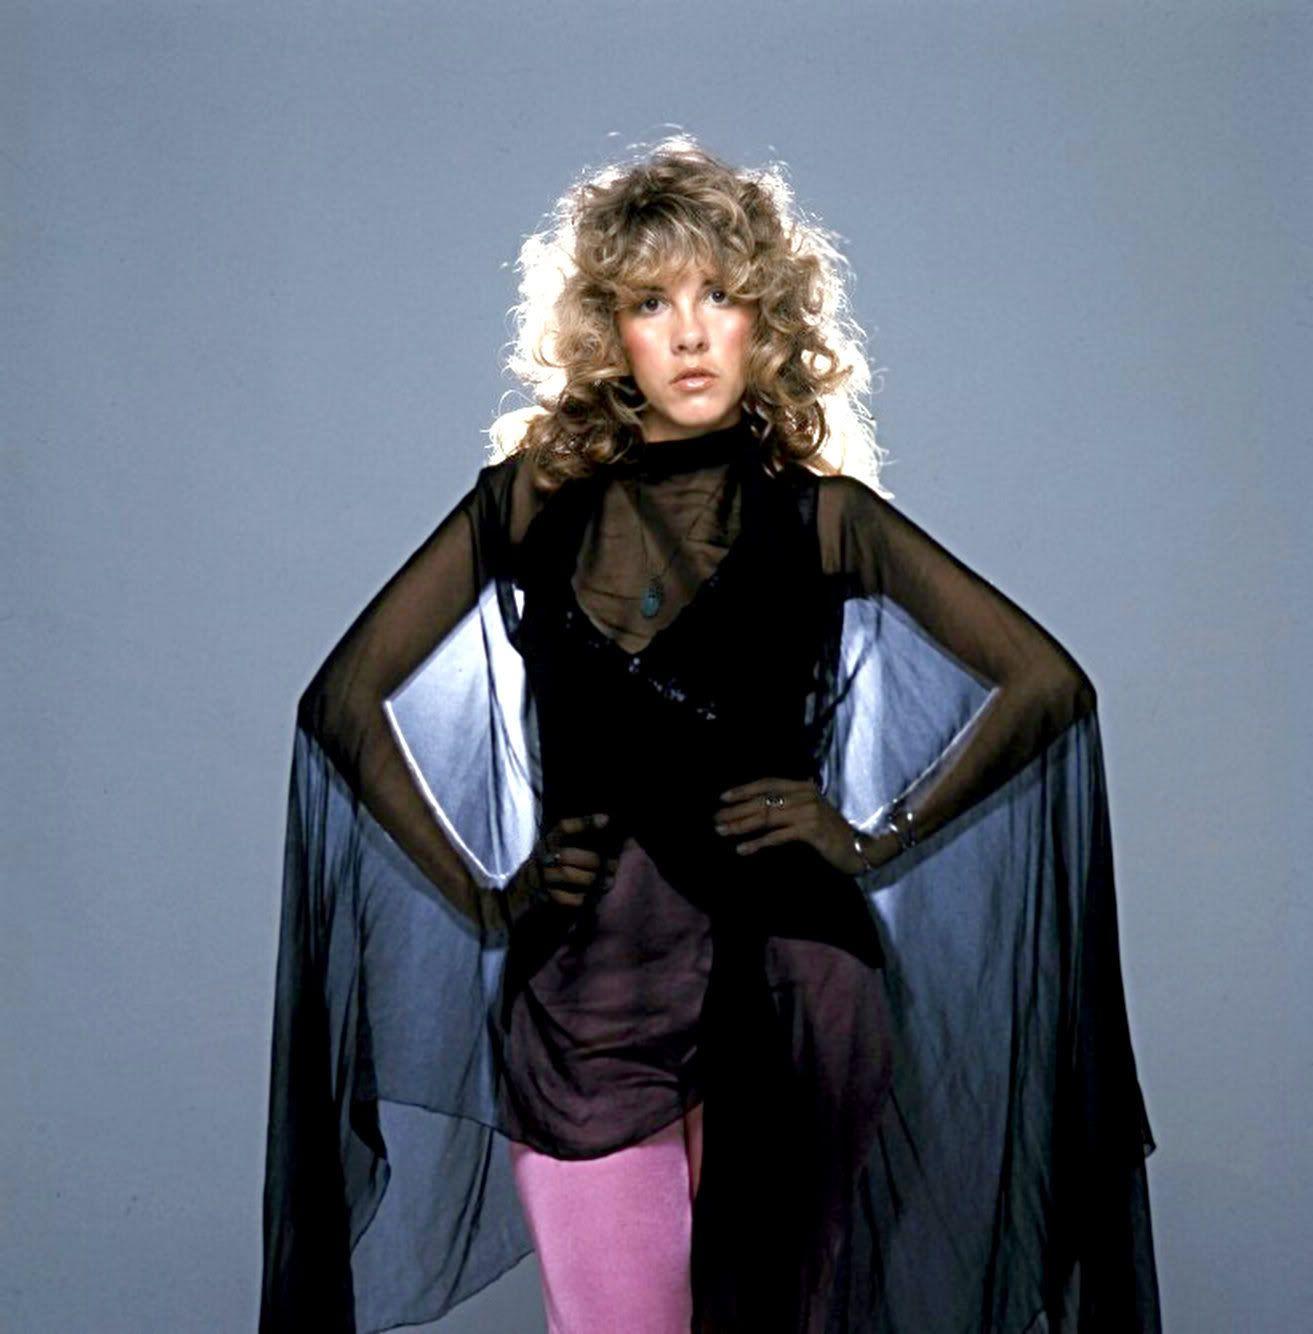 Stevie nicks 80s fashion